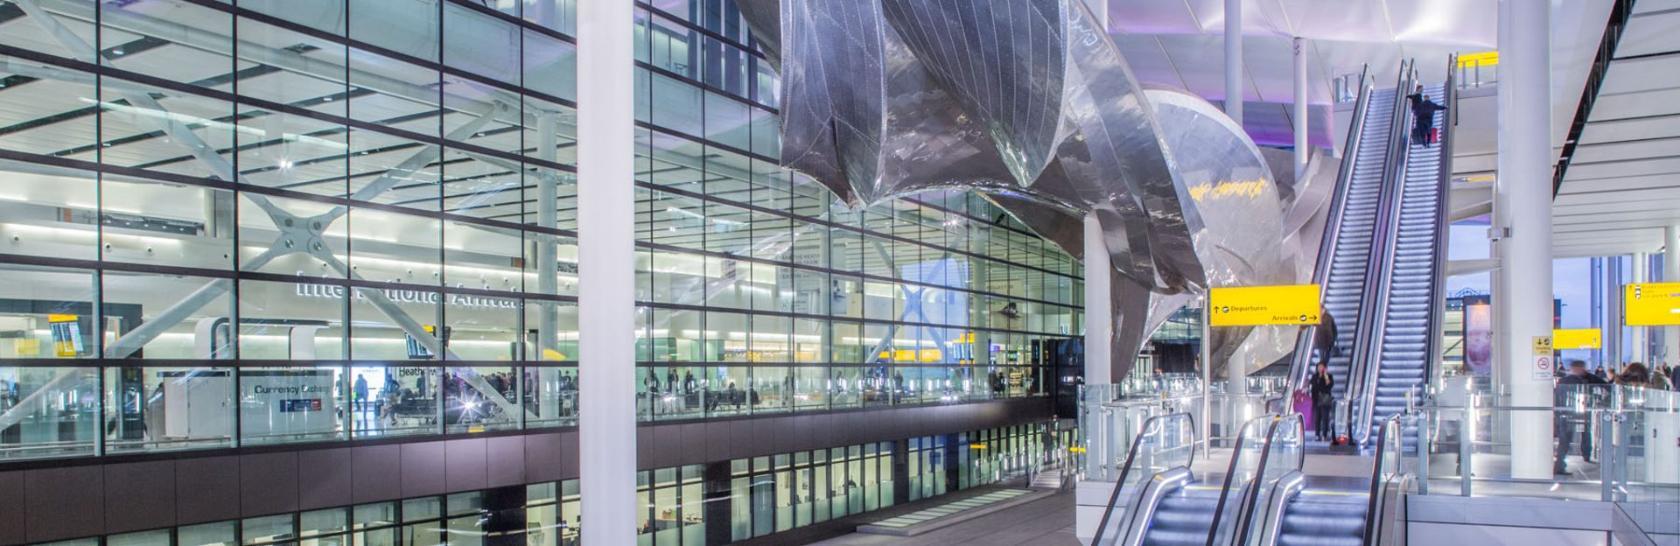 Terminal 2 | Heathrow